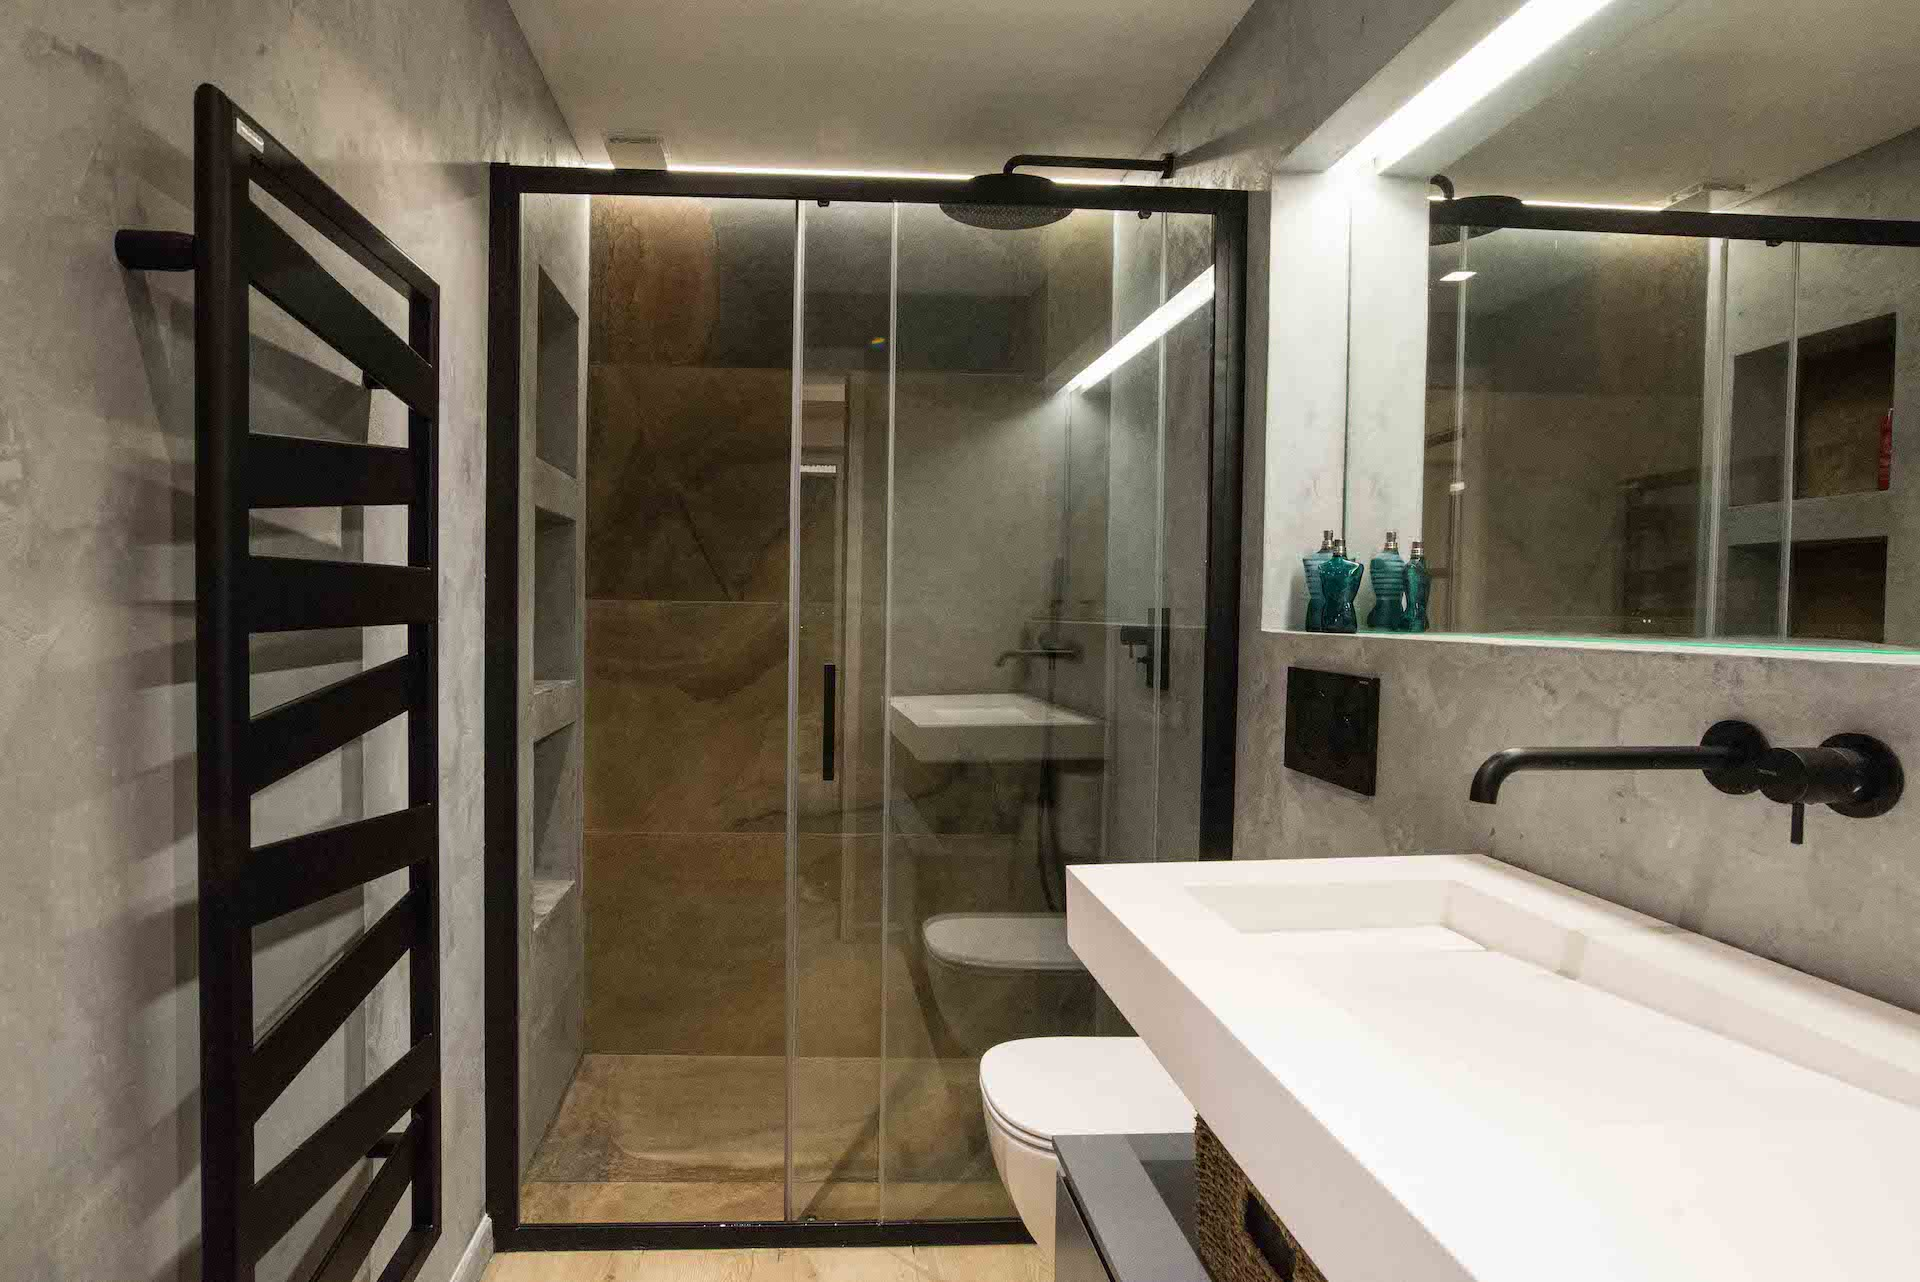 Rénovation-aménagement-décoration-appartement-Sainte-Maxime-architecte-interieur-var19